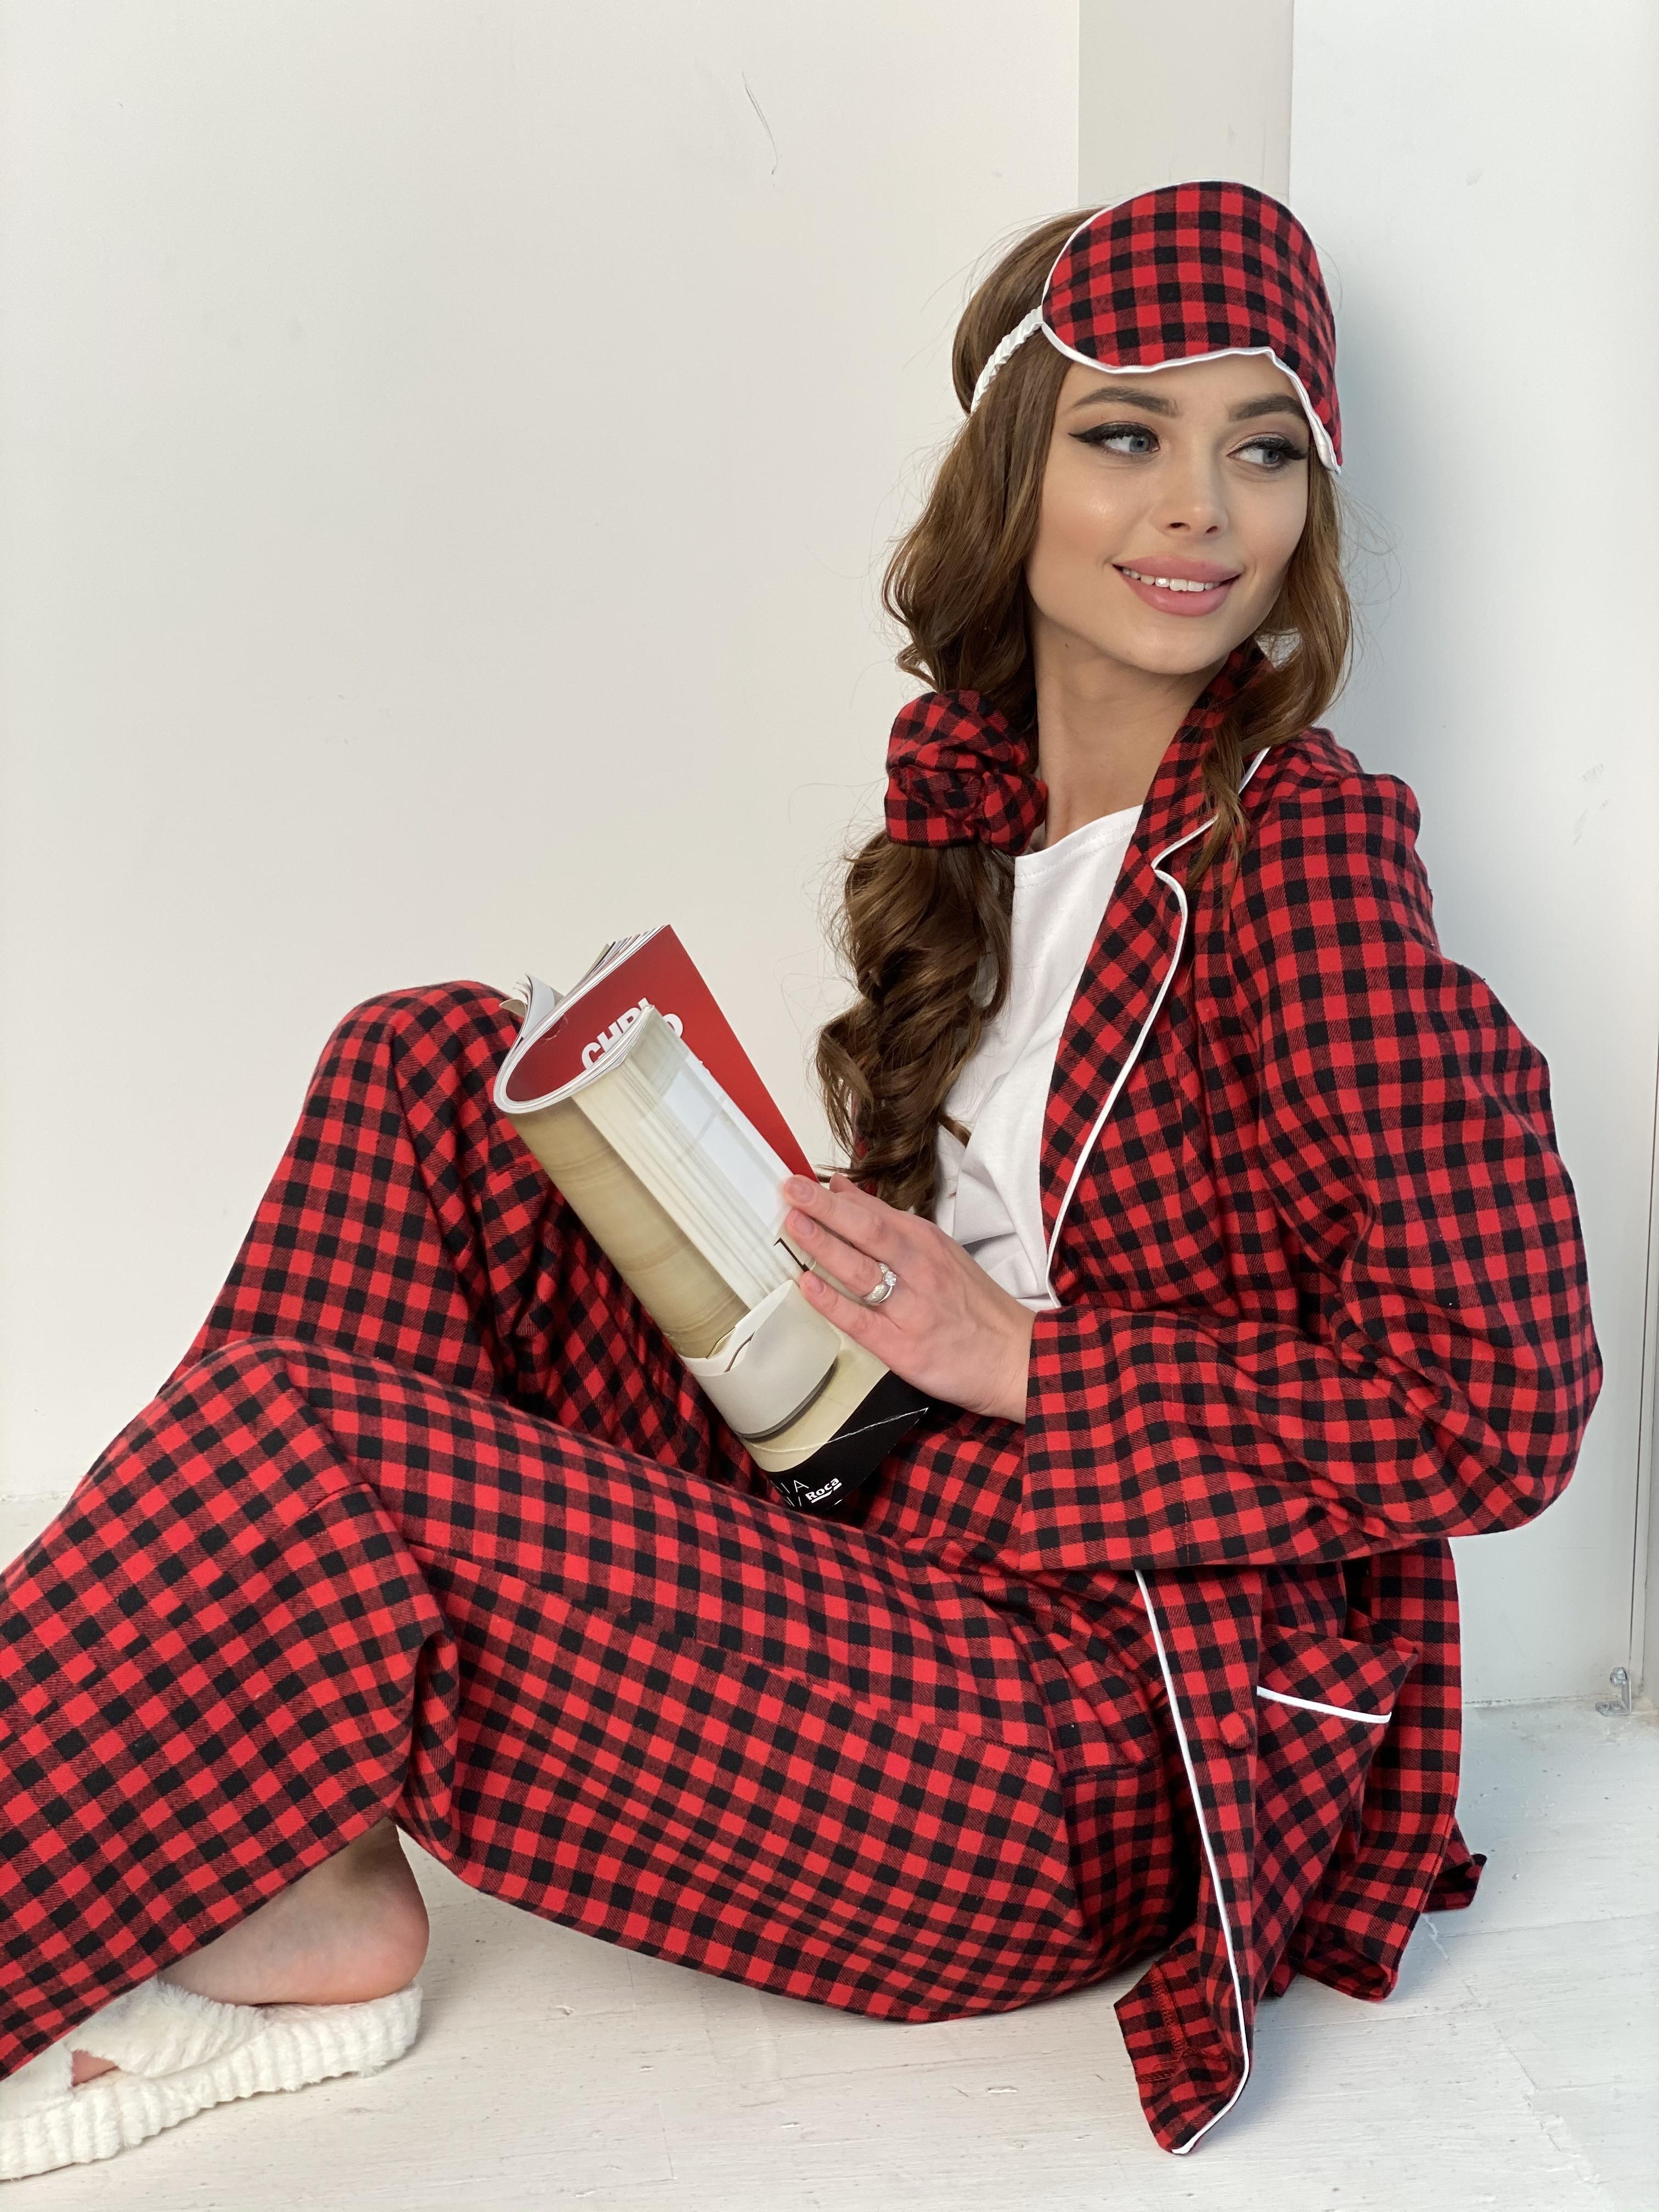 Тедди пижама в клетку из коттона(жакет,футболка,брюки,маска,резинка) 10384 АРТ. 46826 Цвет: Красный/черный - фото 7, интернет магазин tm-modus.ru